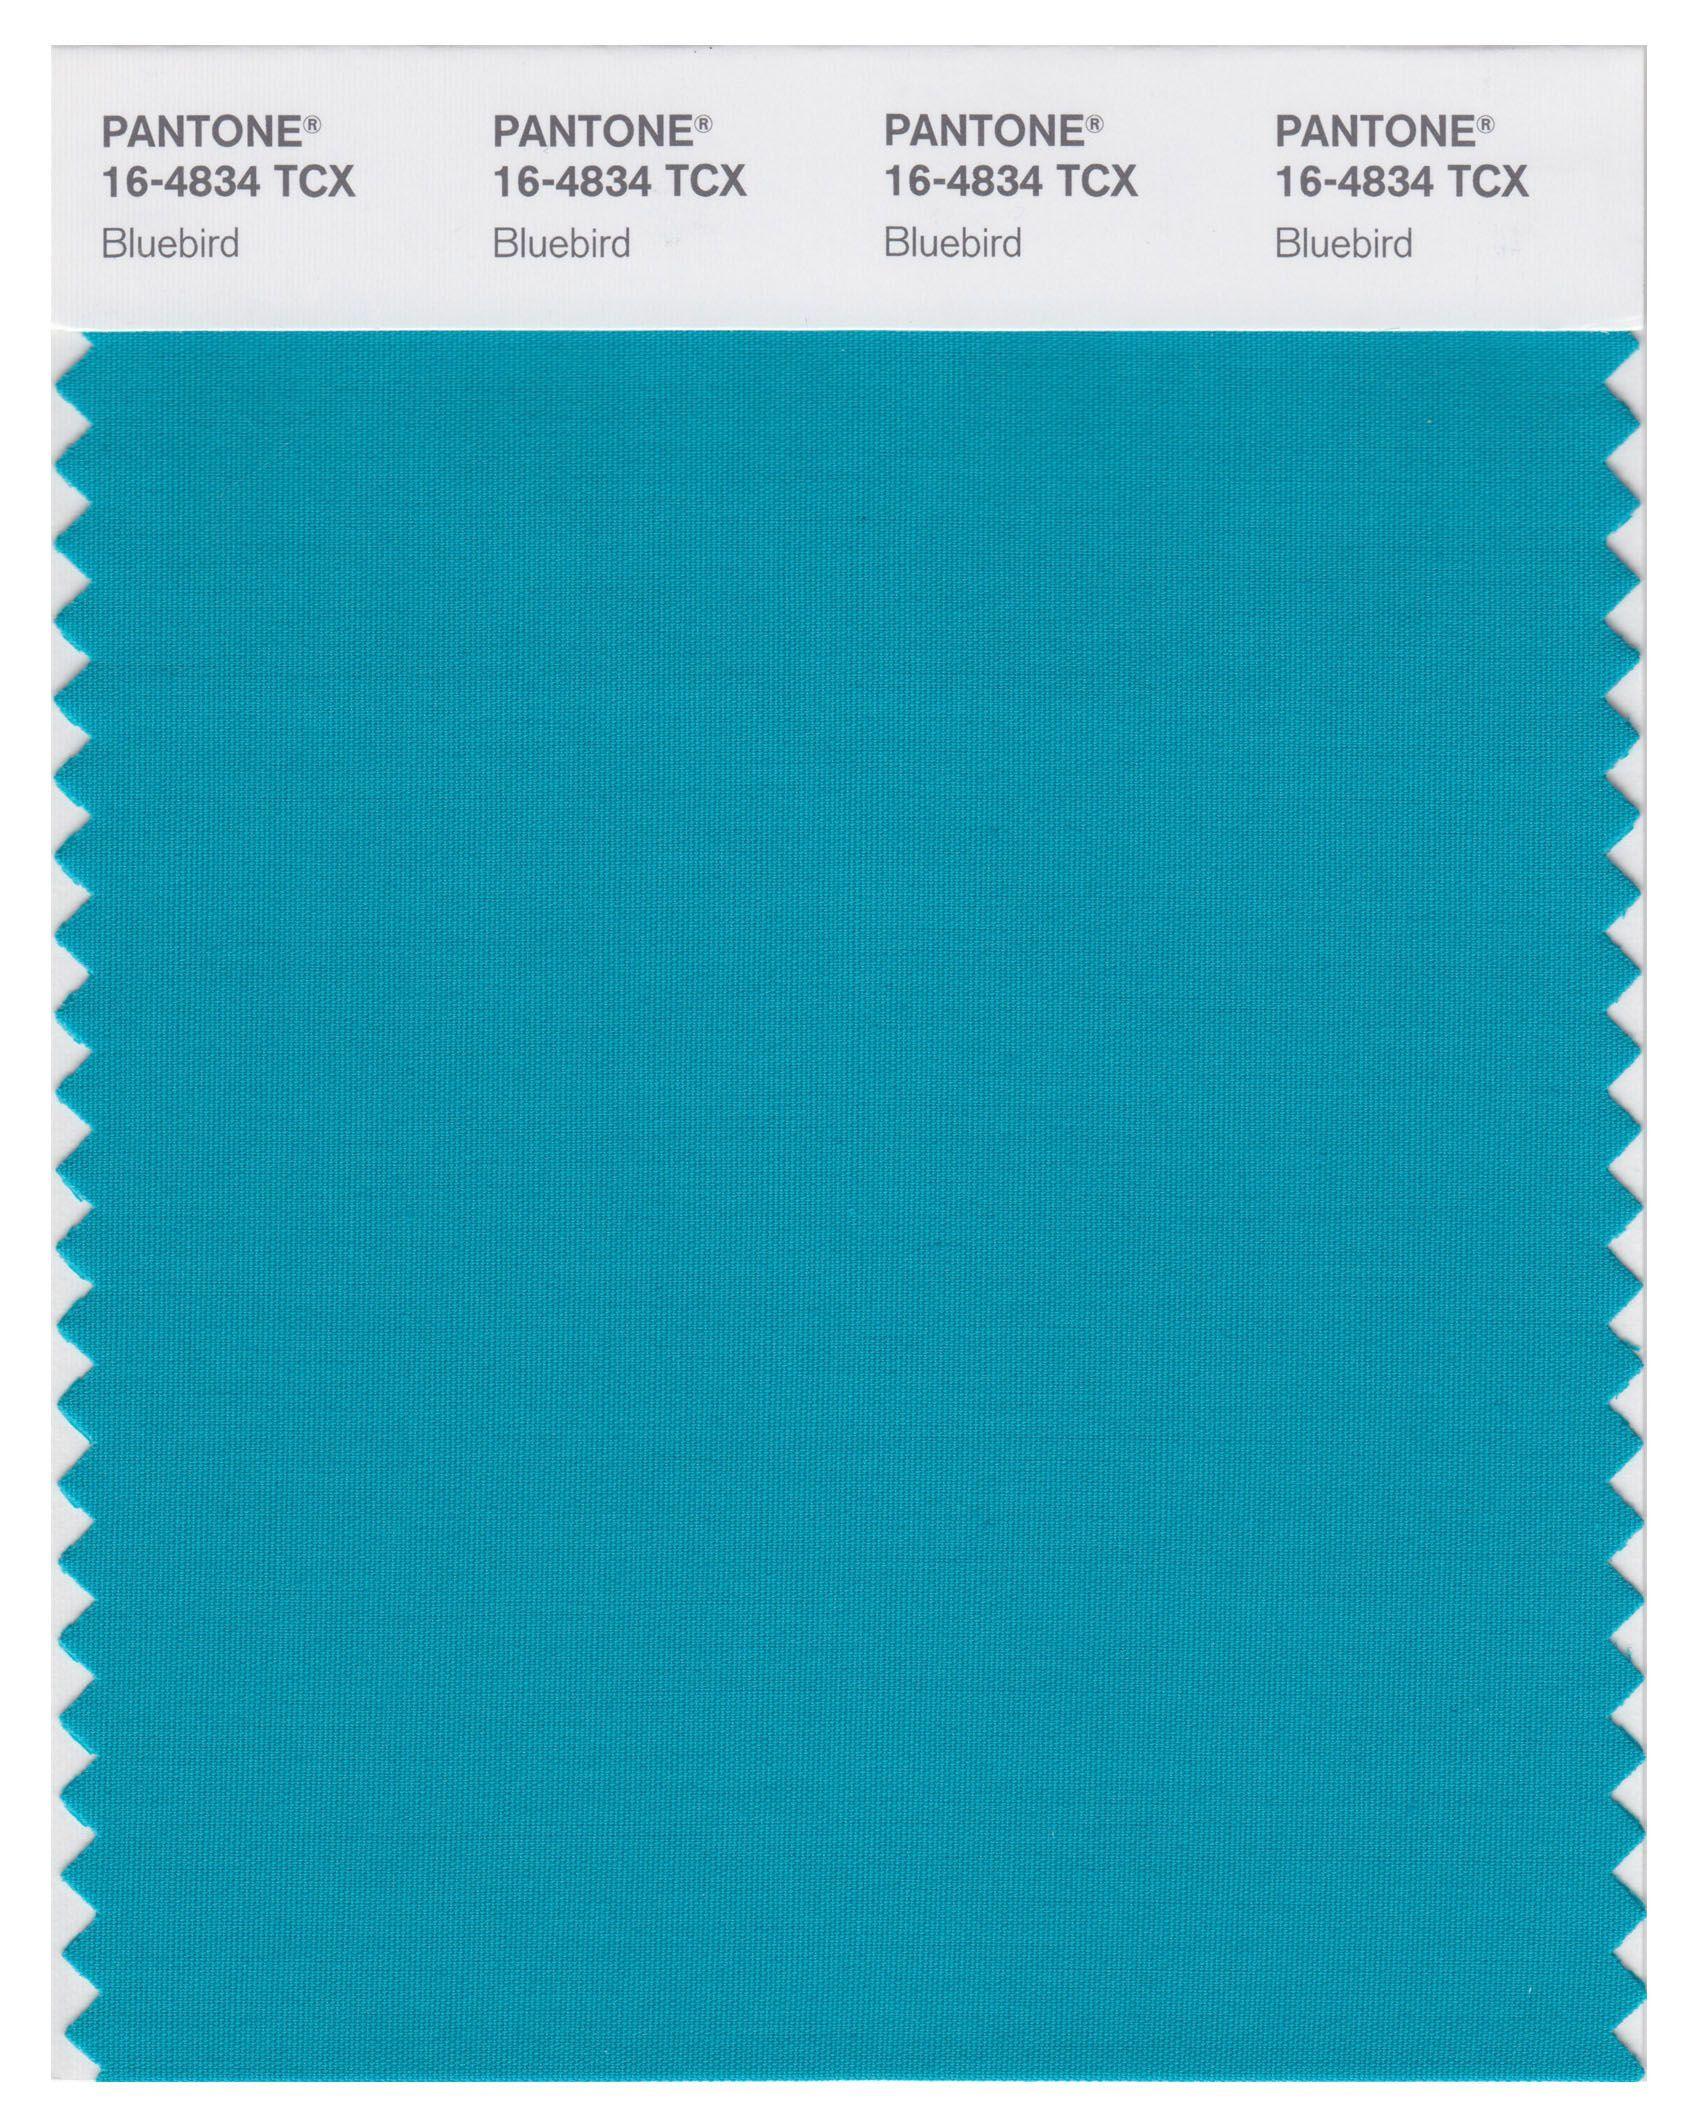 Pantone Smart 16 4834 TCX Color Swatch Card Bluebird